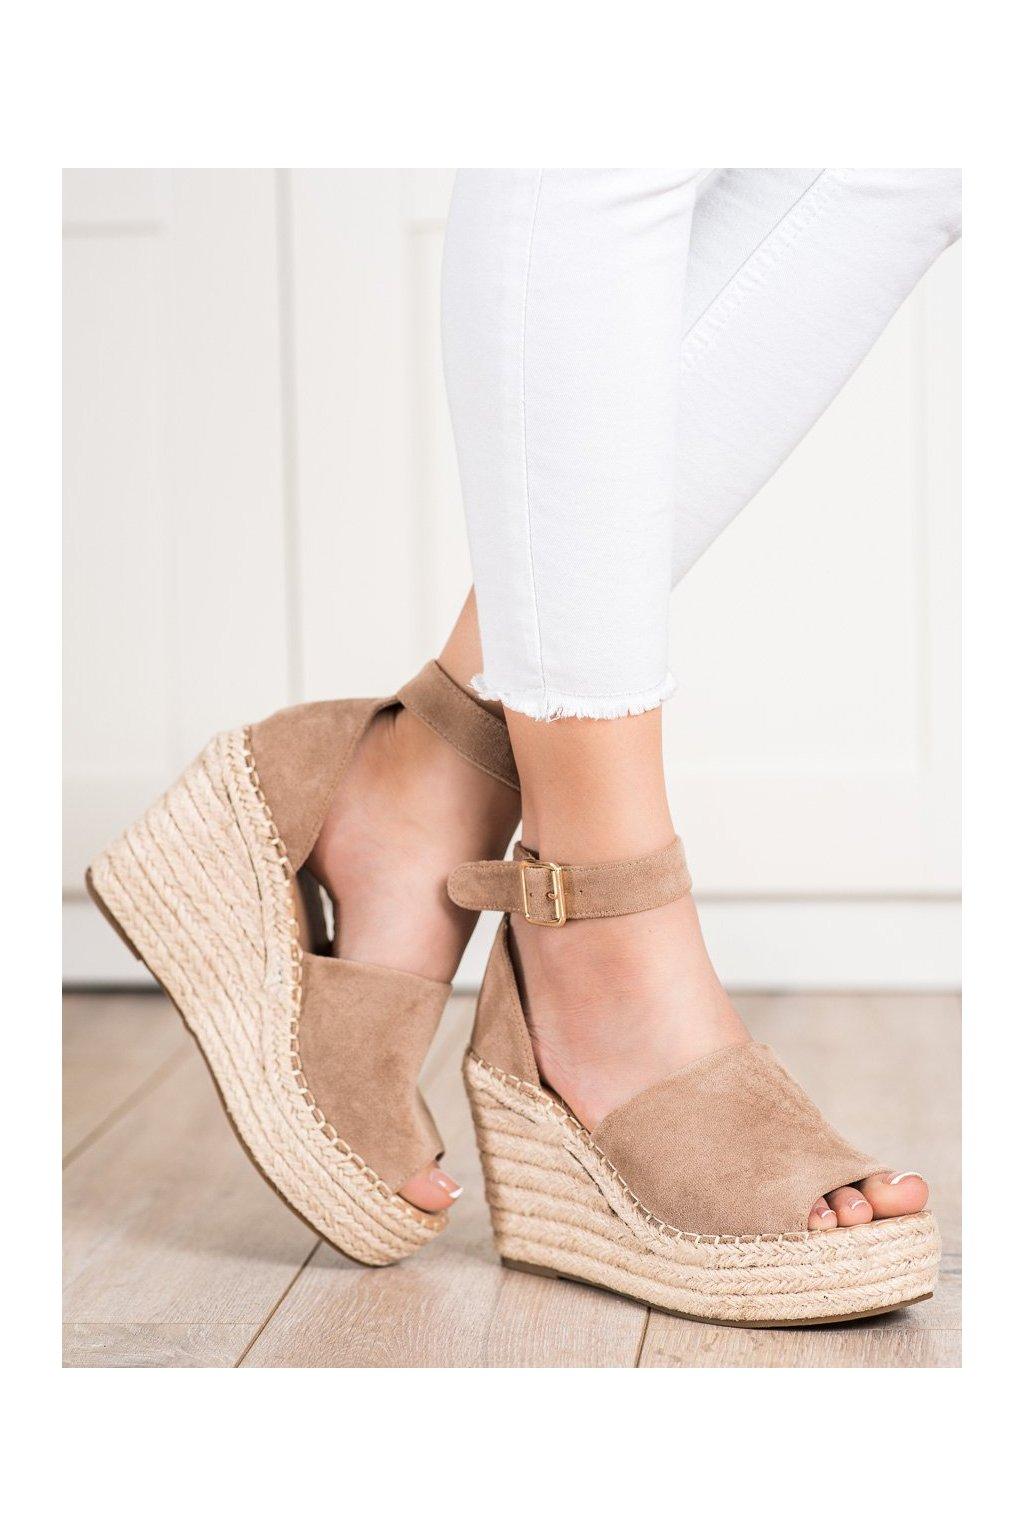 Hnedé sandále na platforme Shelovet kod BL1918KH